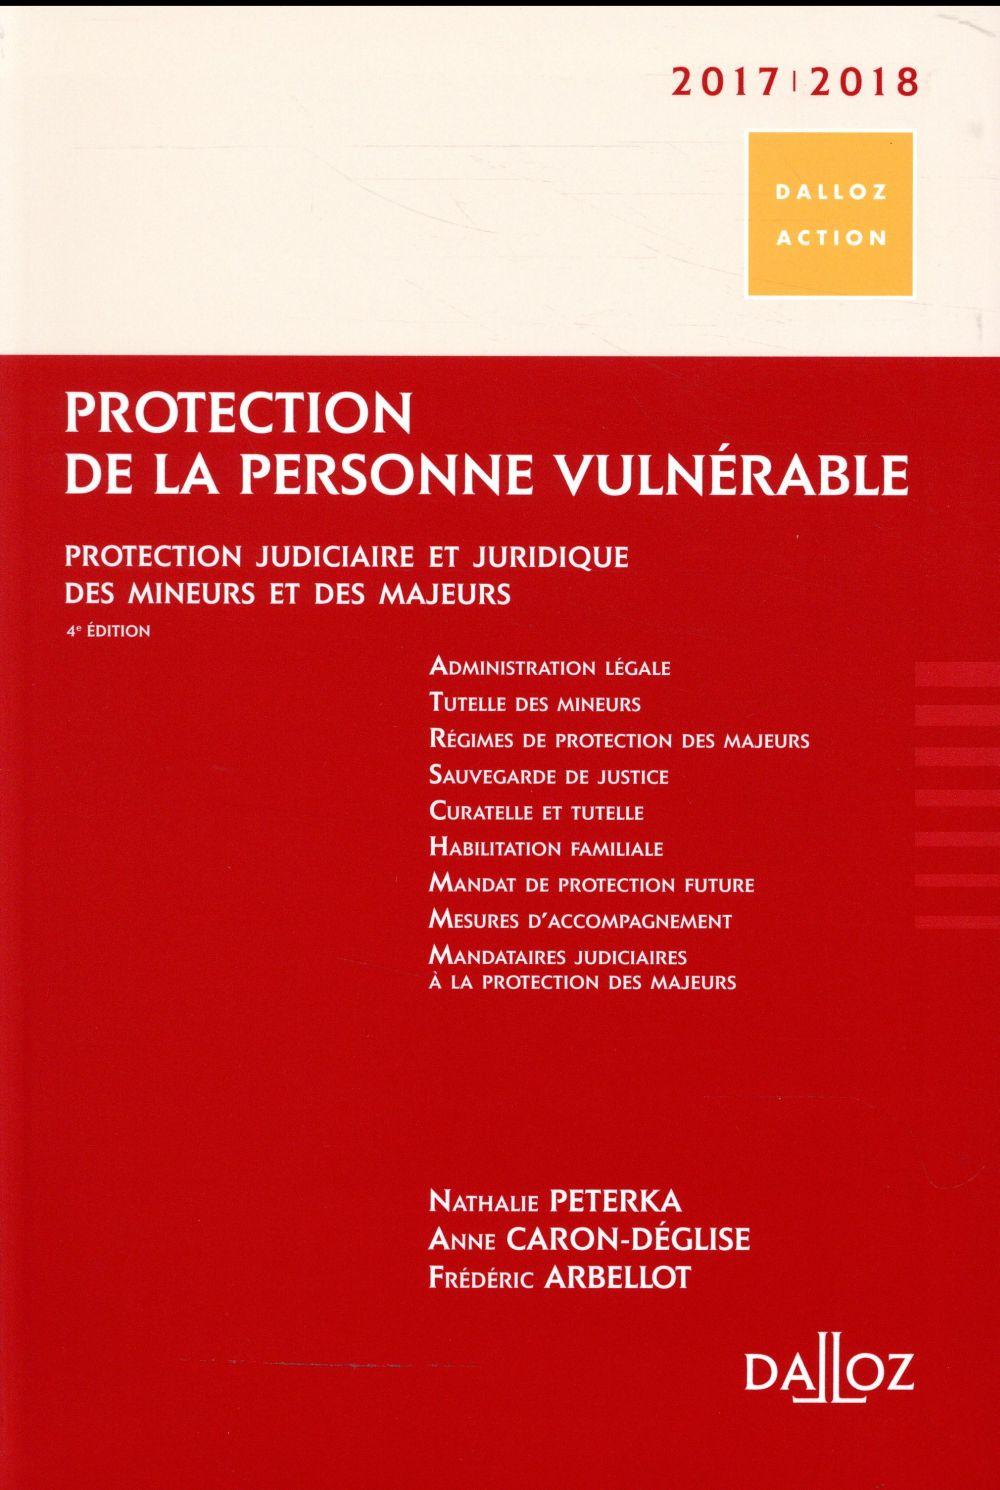 Protection de la personne vulnérable ; protection judiciaire et juridique des mineurs et des majeurs (édition 2017/2018)